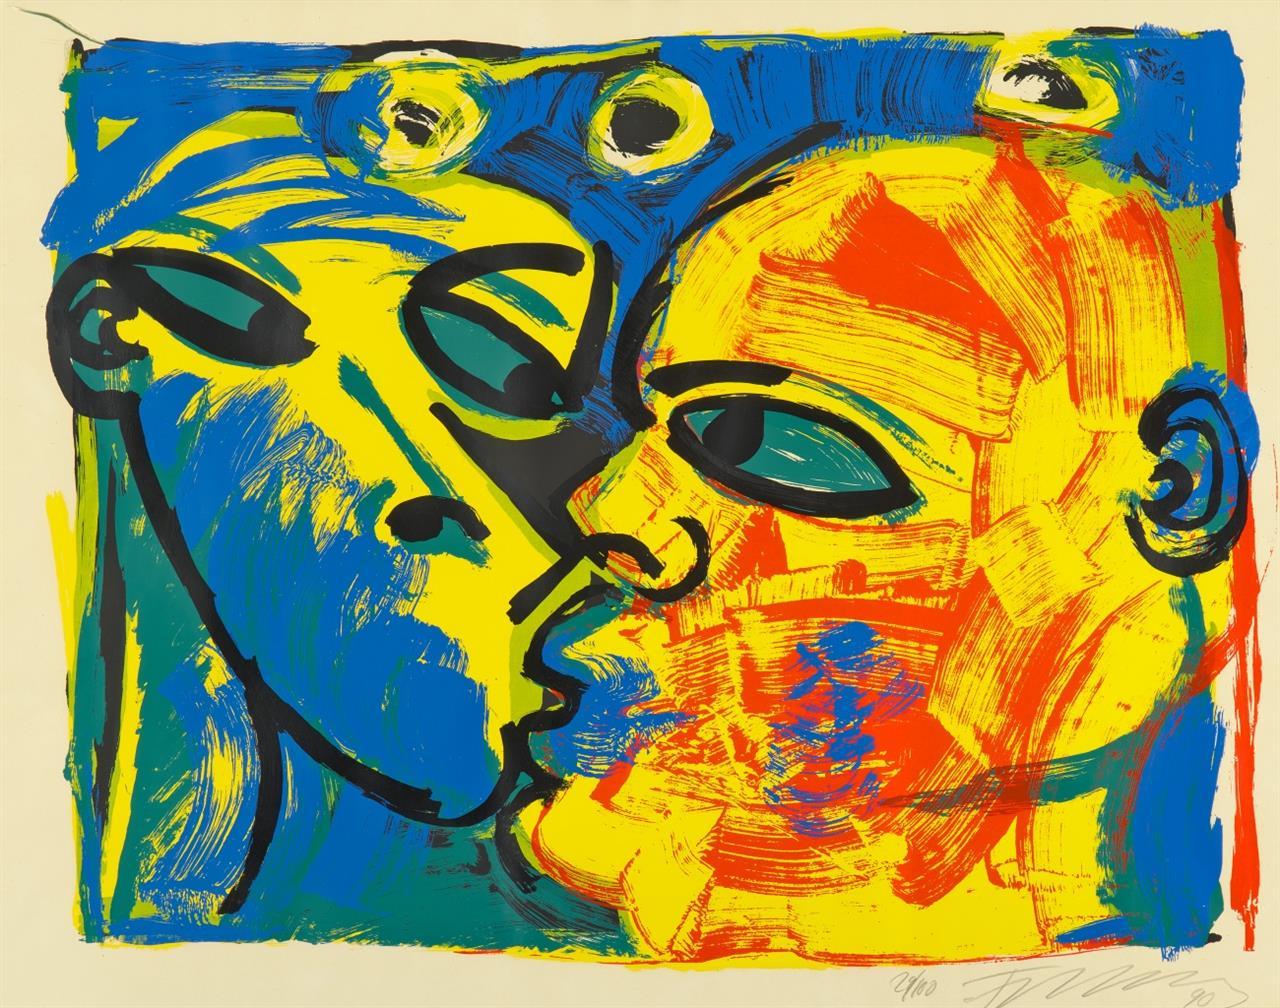 Rainer Fetting. Der Kuss. 1990. Farbserigraphie. Signiert. Ex. 29/100.